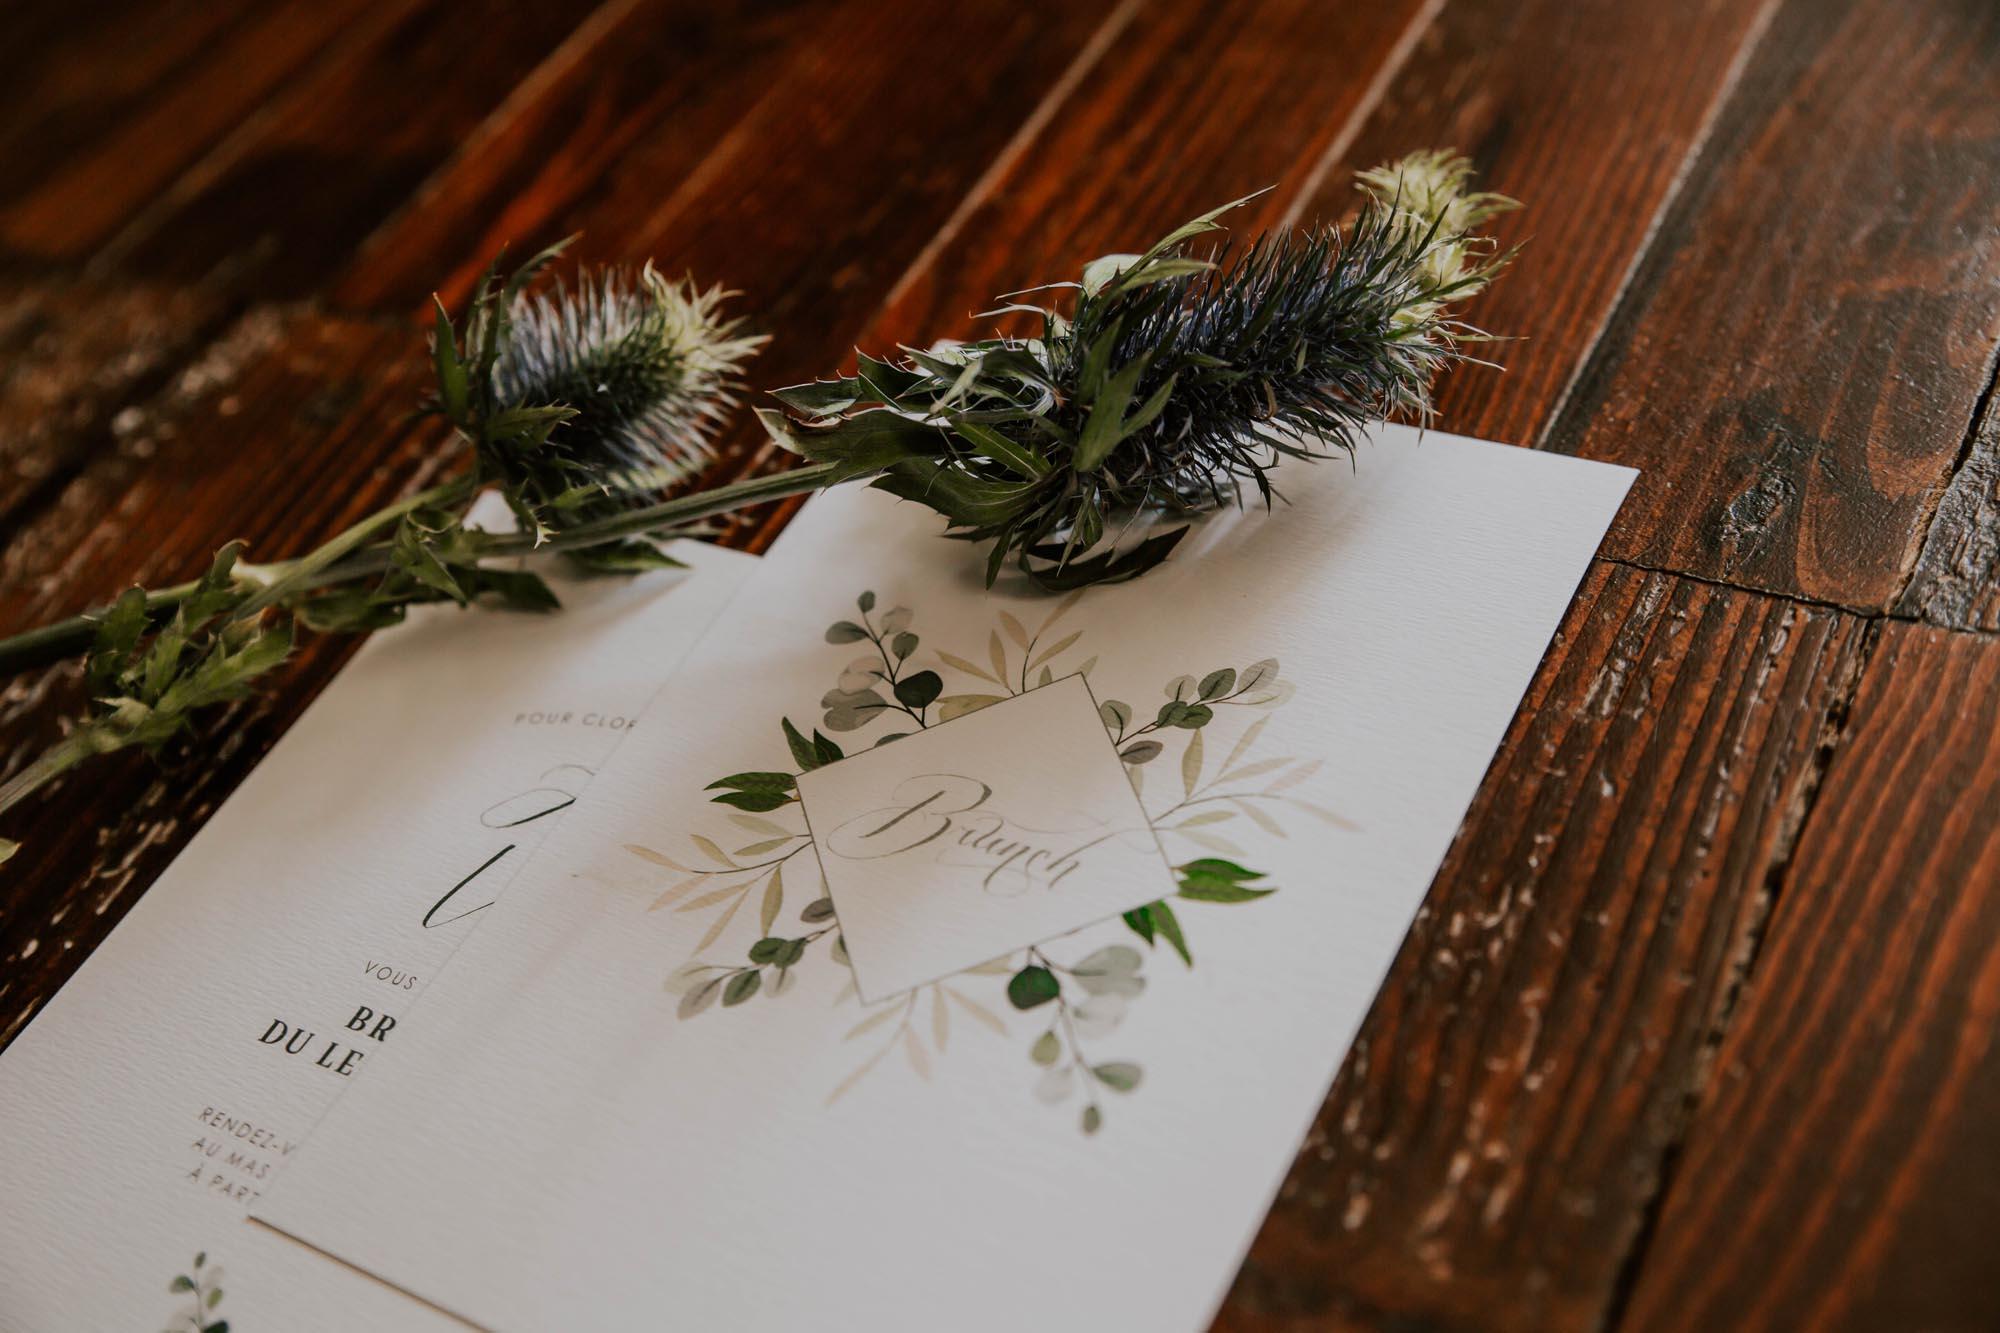 Carton brunch faire-part mariage végétal feuille eucalyptus